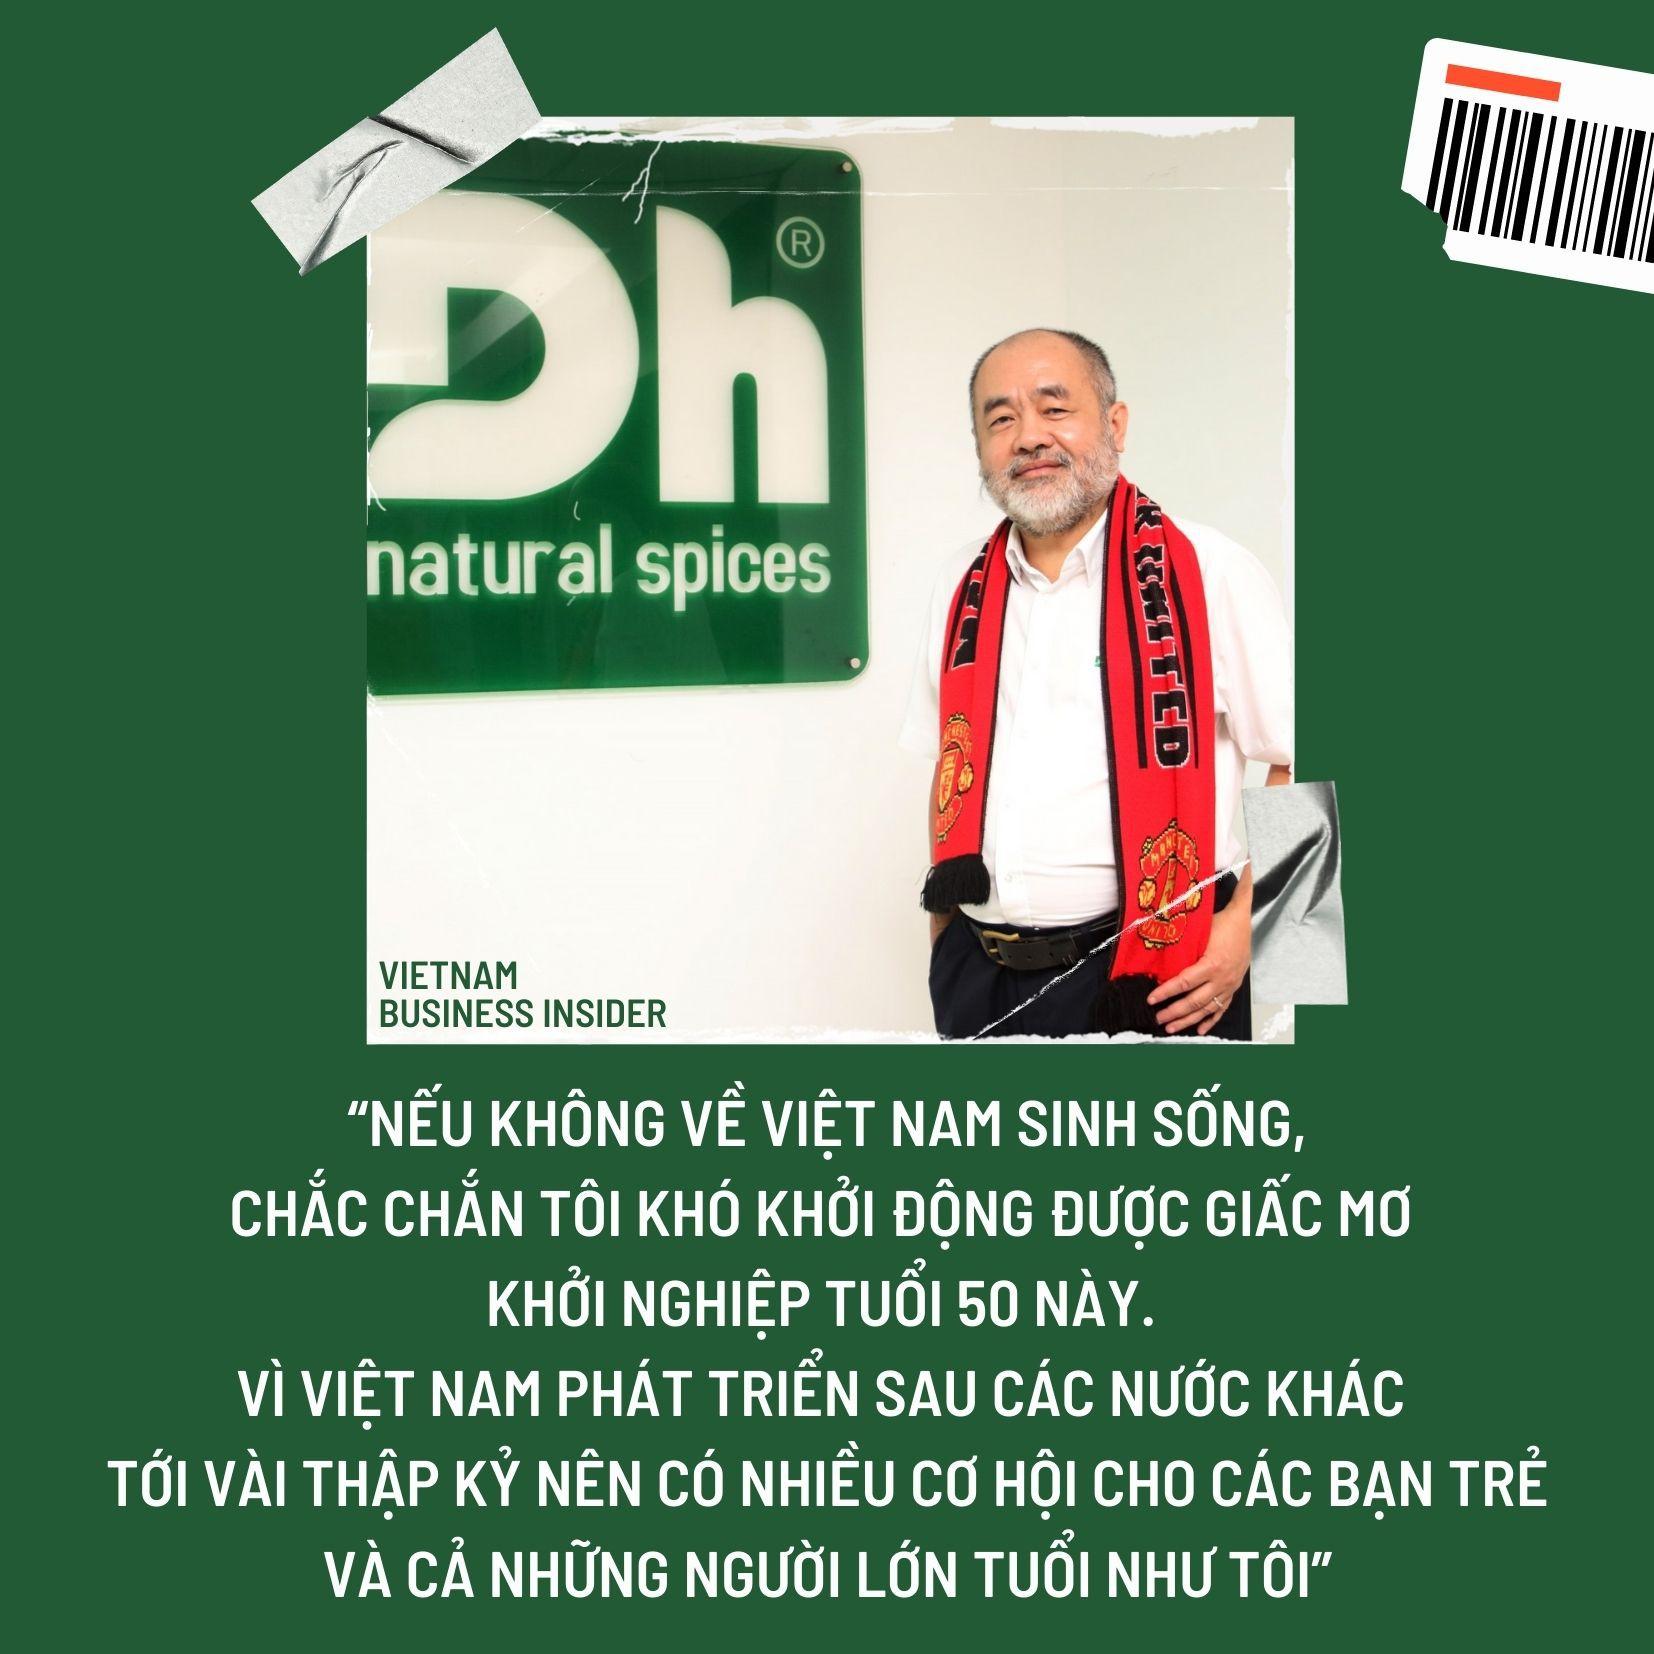 vietnambusinessinsider-19-1622454339.jpg